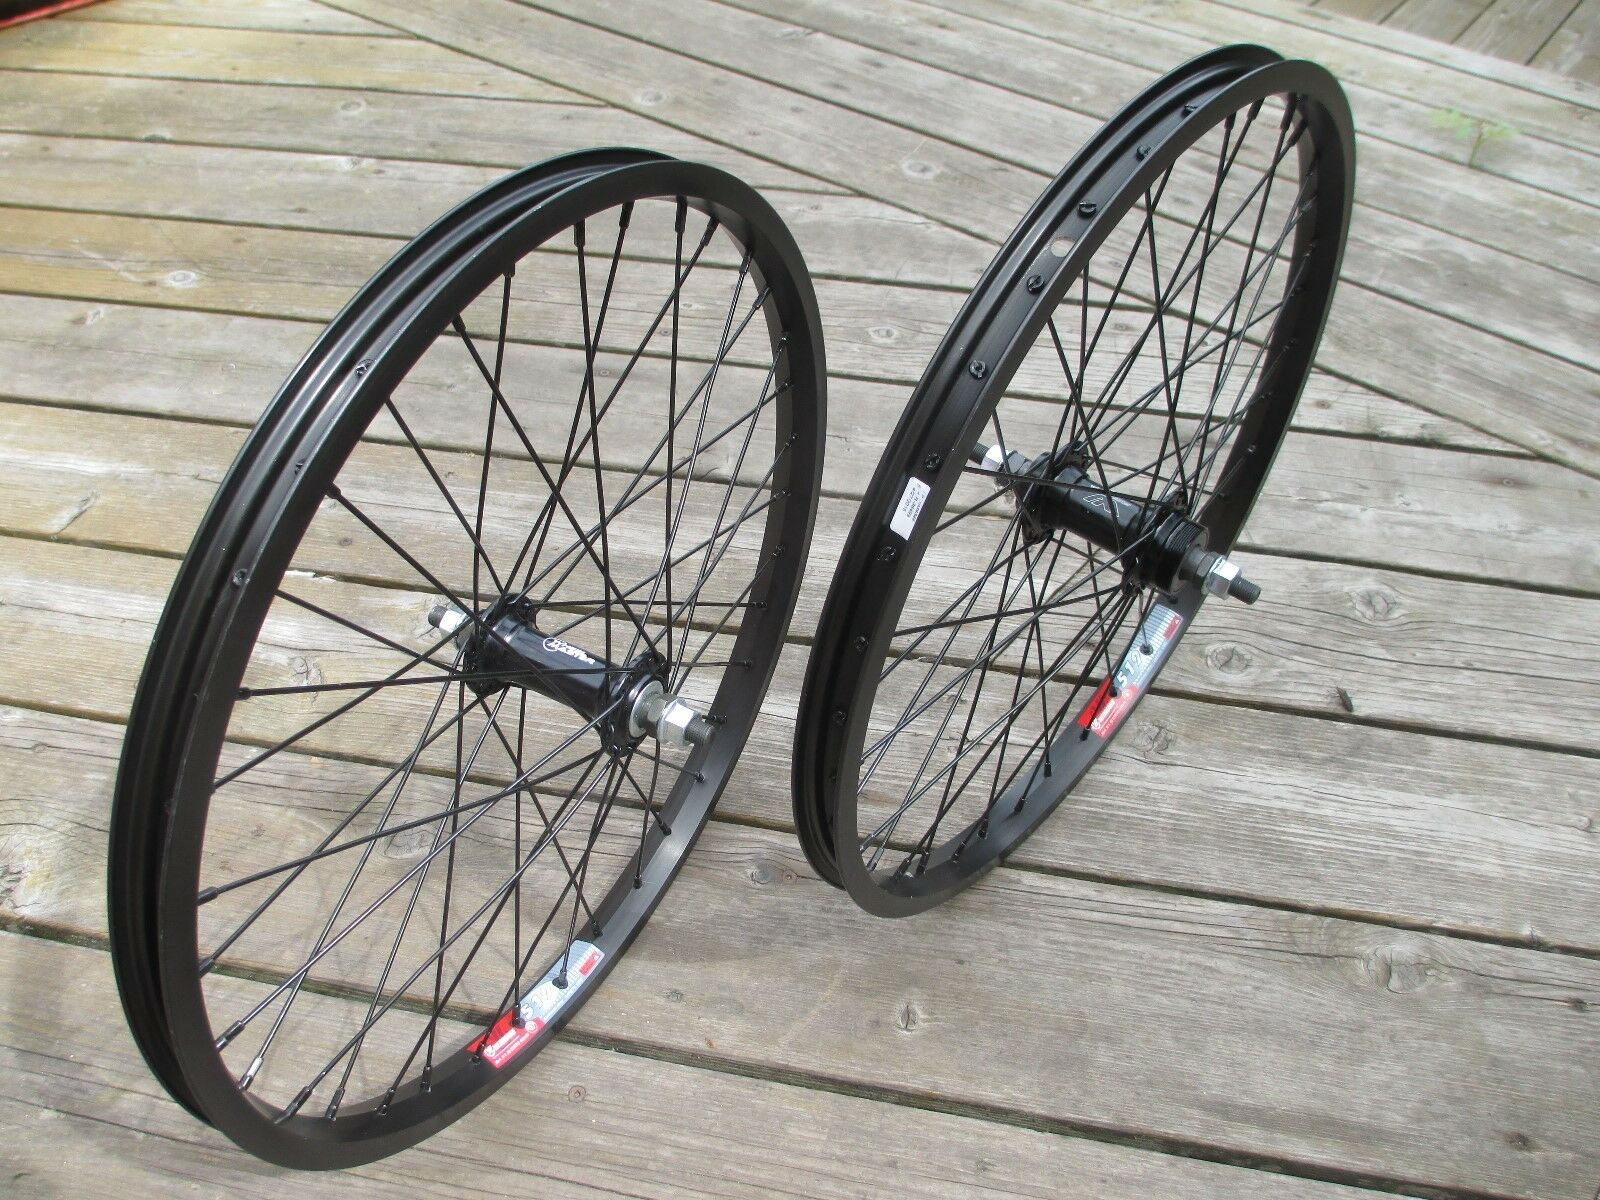 Wheel Set F&R BMX 3 8 axle 20x1.75 Wei 519 Bolt On Alloy Hubs 36H F W or No F W